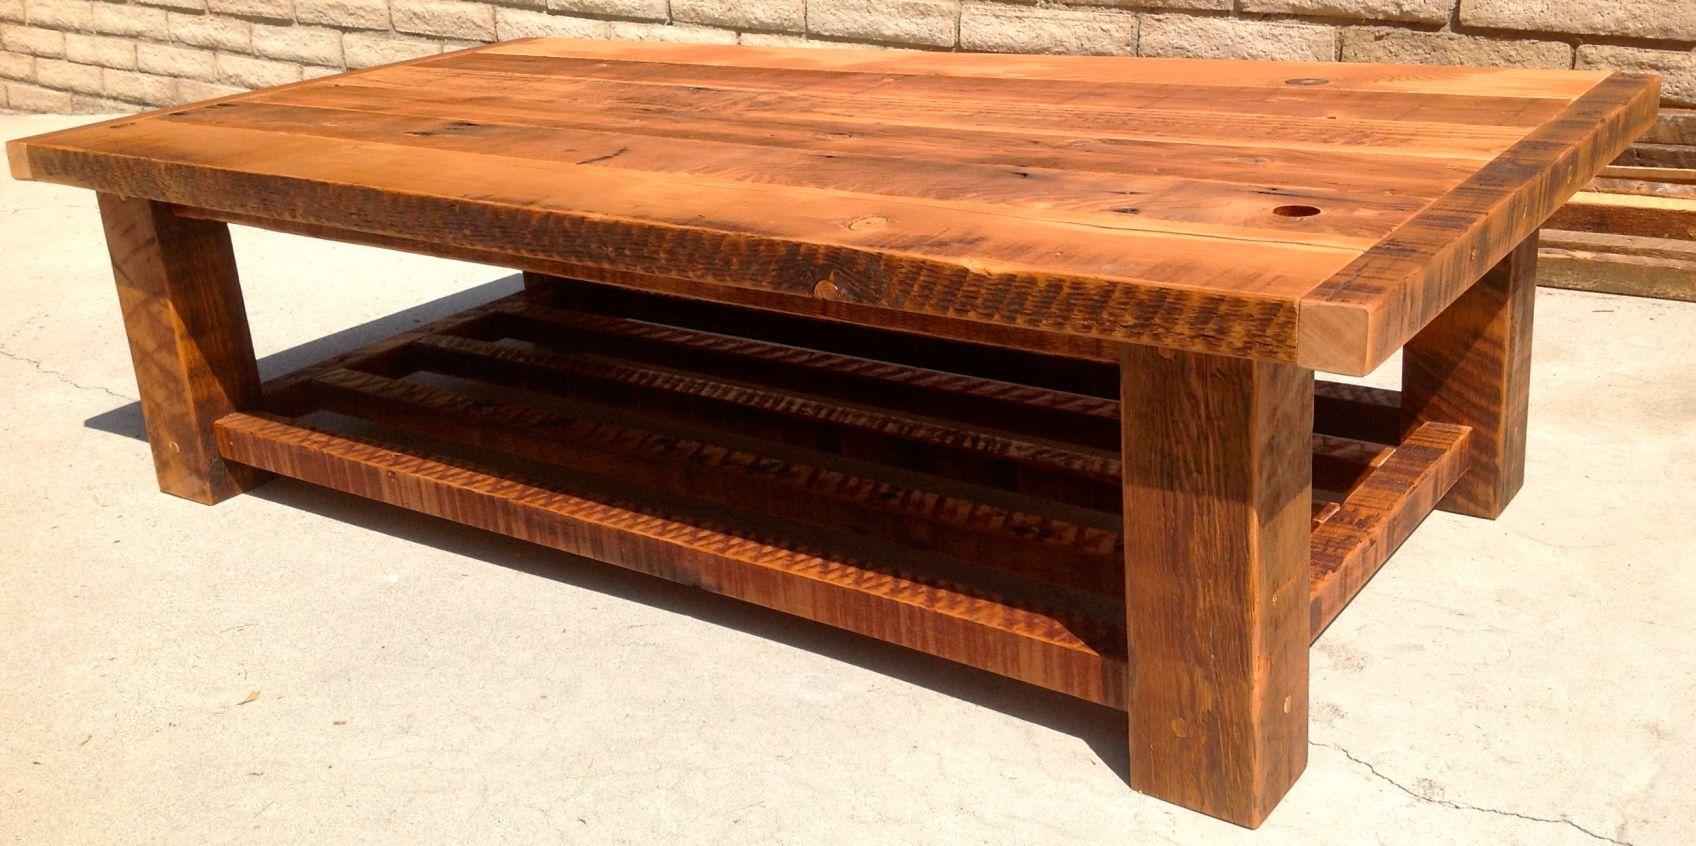 Douglas Fir Reclaimed Wood Handmade Handmade Coffee Table Solid Wood Coffee Table Coffee Table